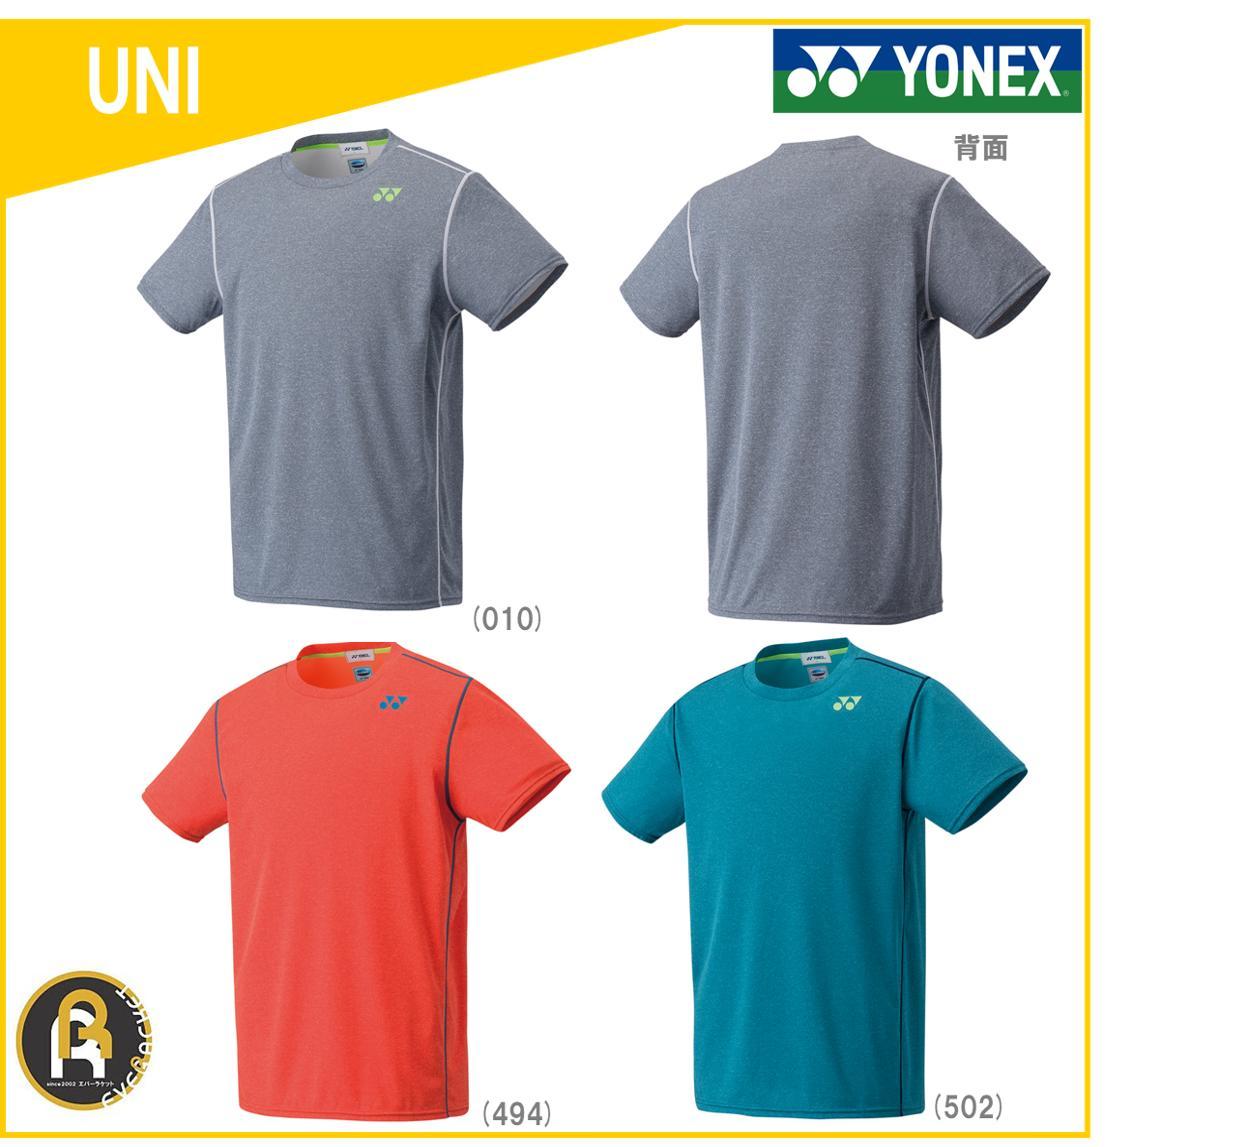 【お買い得商品】ヨネックス YONEX バドミントン ソフトテニス ベリークール Tシャツ シンセティックライト フィットスタイル ウェア UNI ユニ 16338